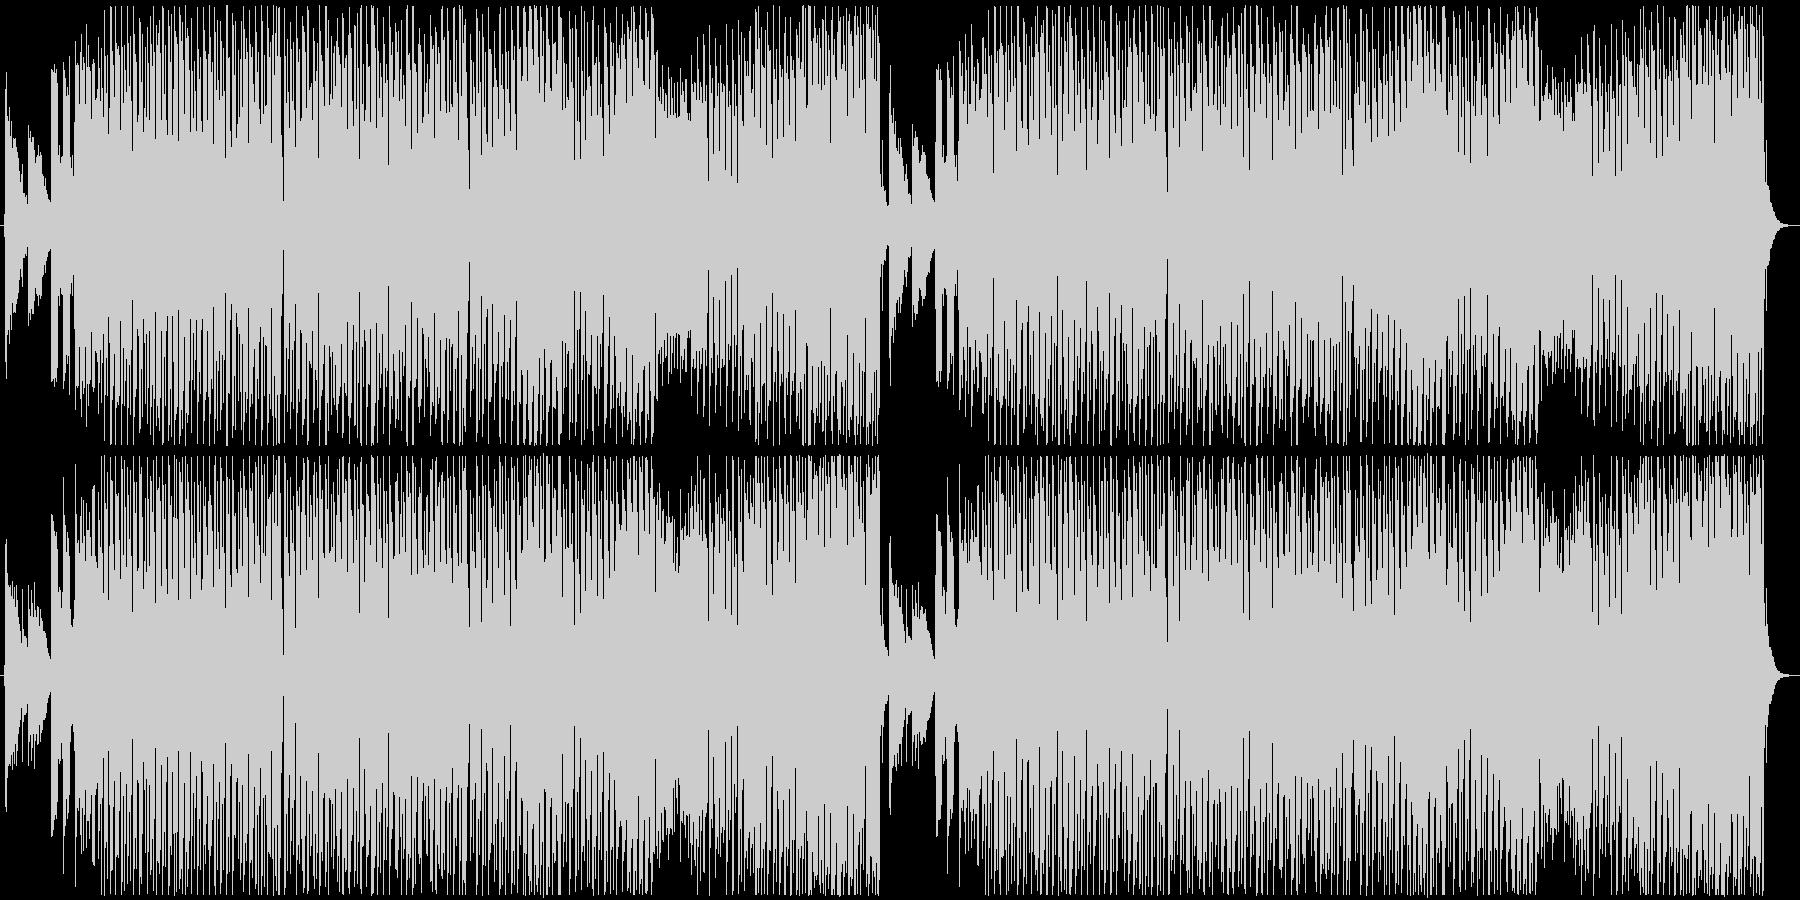 ポップなハロウィン曲の未再生の波形